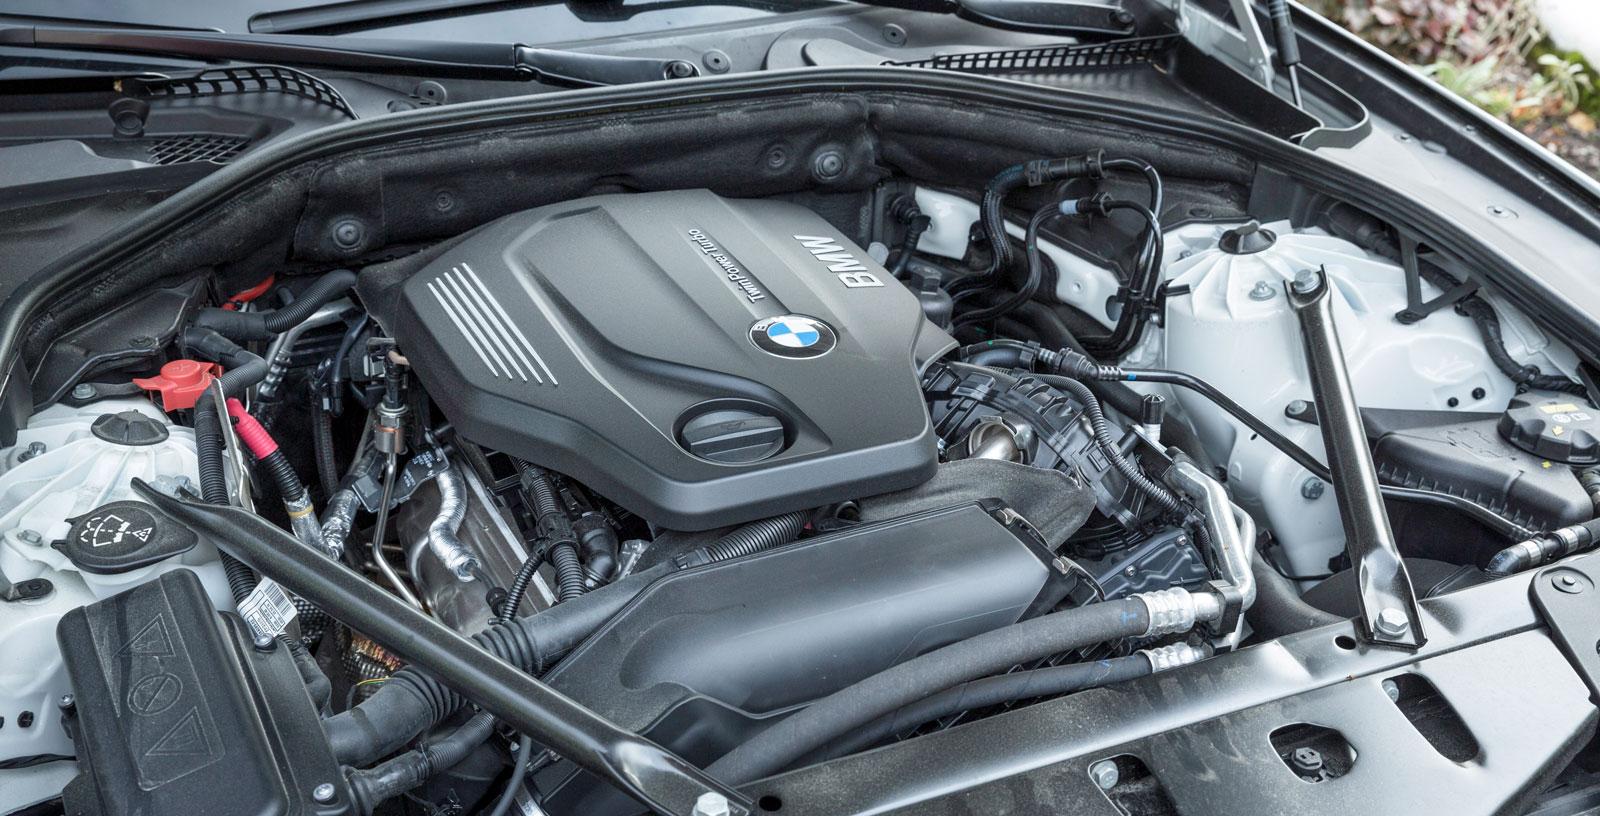 BMW är ensam om längsgående motor, placerad långt bak. En mycket råstark karaktär som arbetar utsökt tillsammans med den åttaväxlade automatlådan.